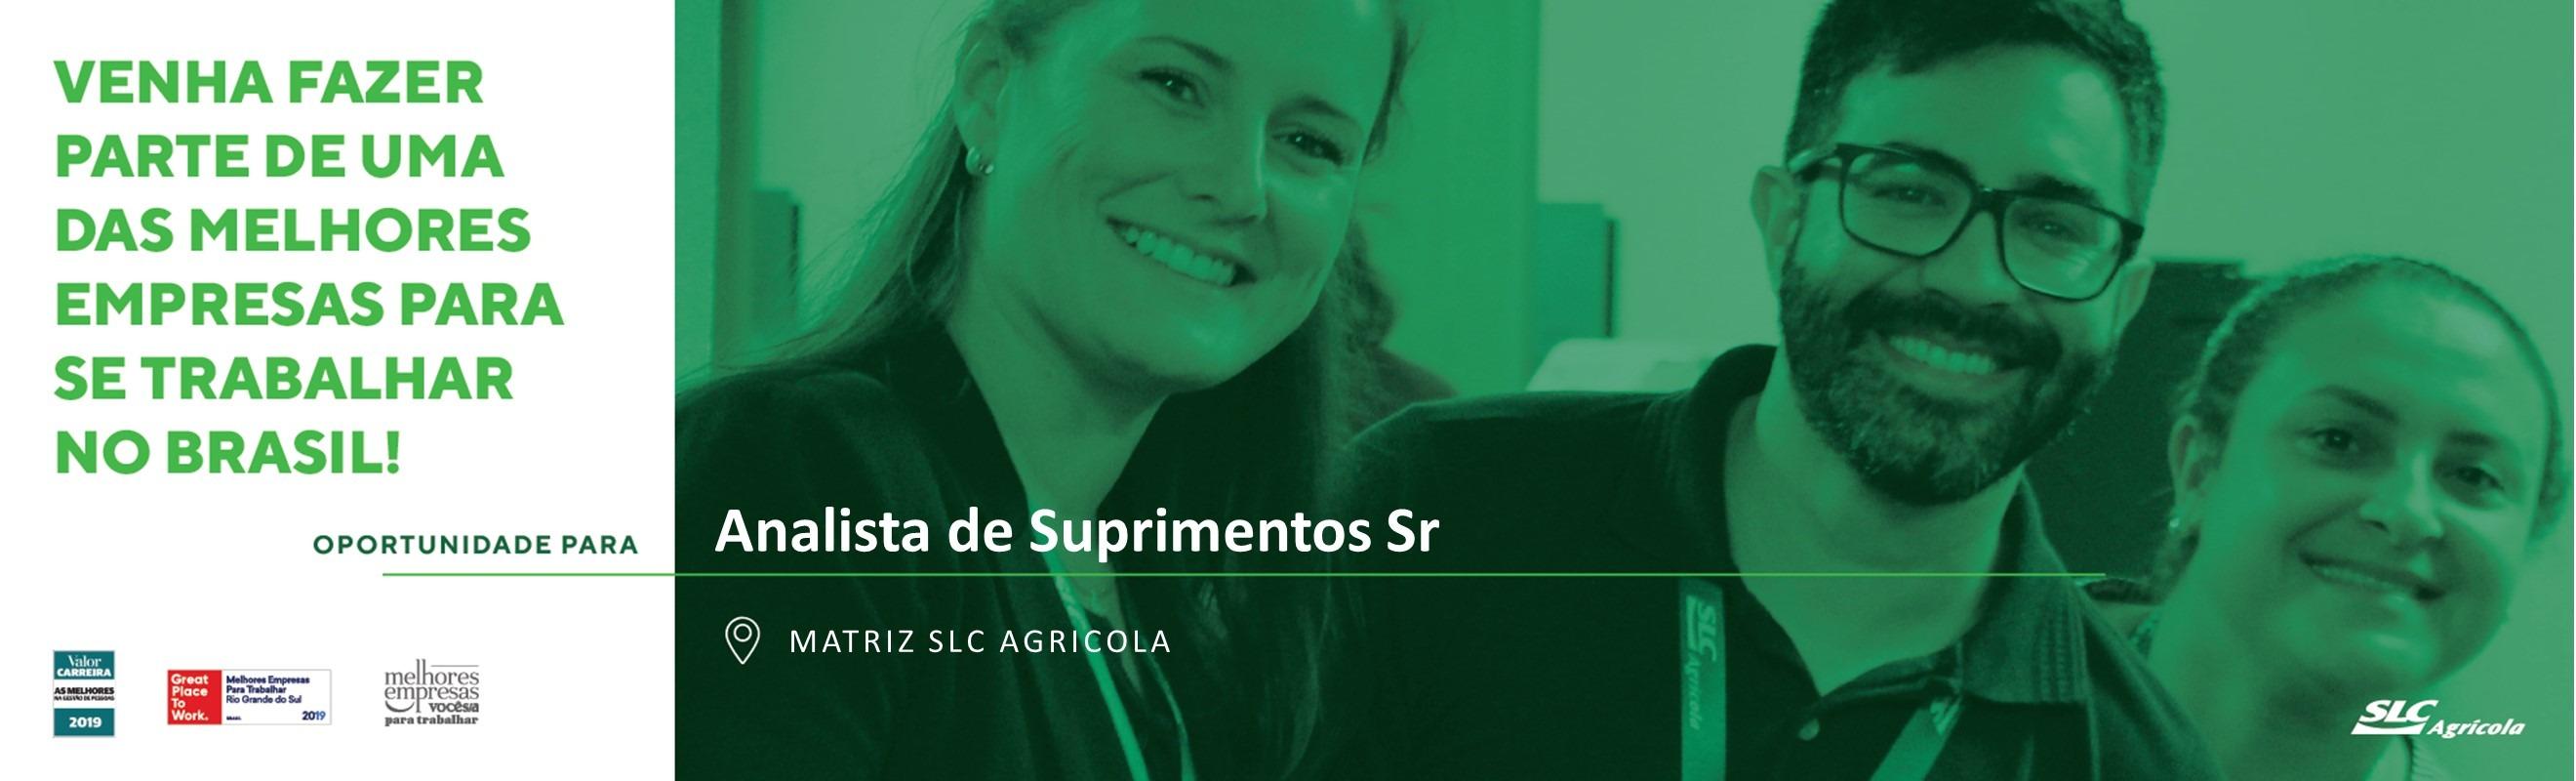 Analista de Suprimentos Sr - Porto Alegre/RS